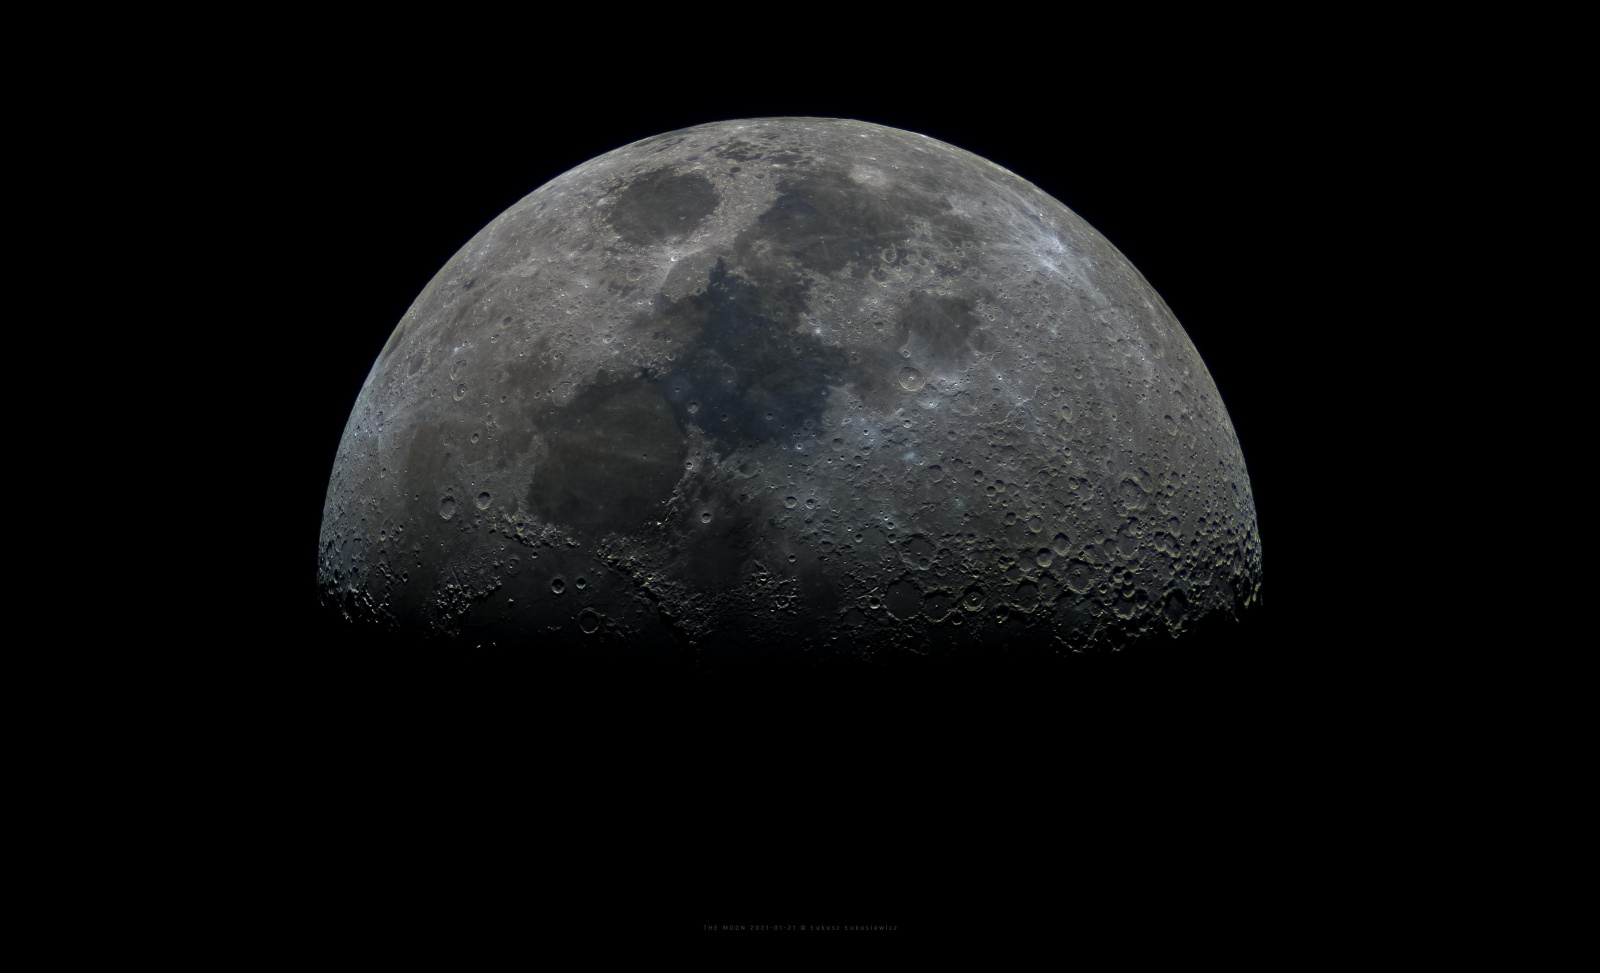 THE-MOON-2021-01-21.jpg